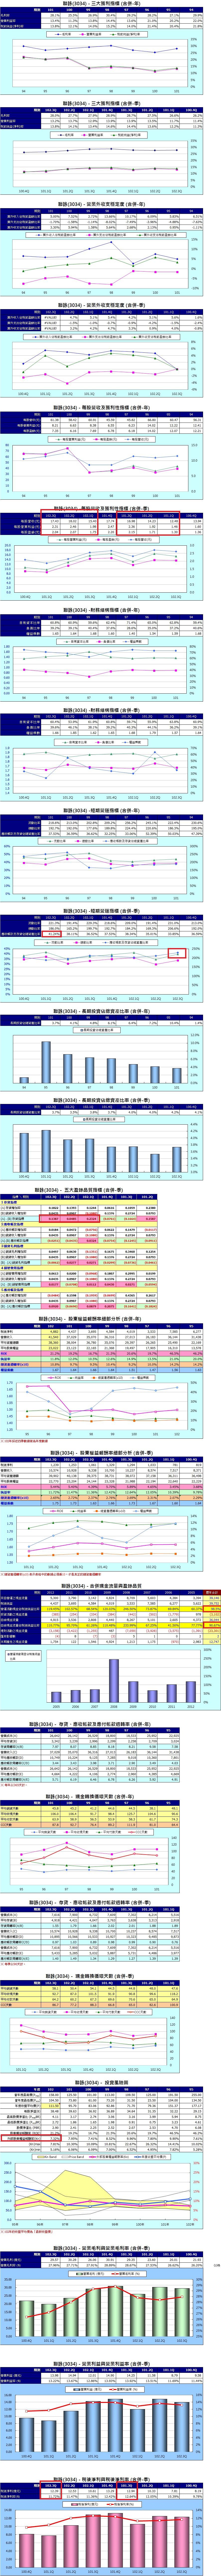 3034細部財務分析